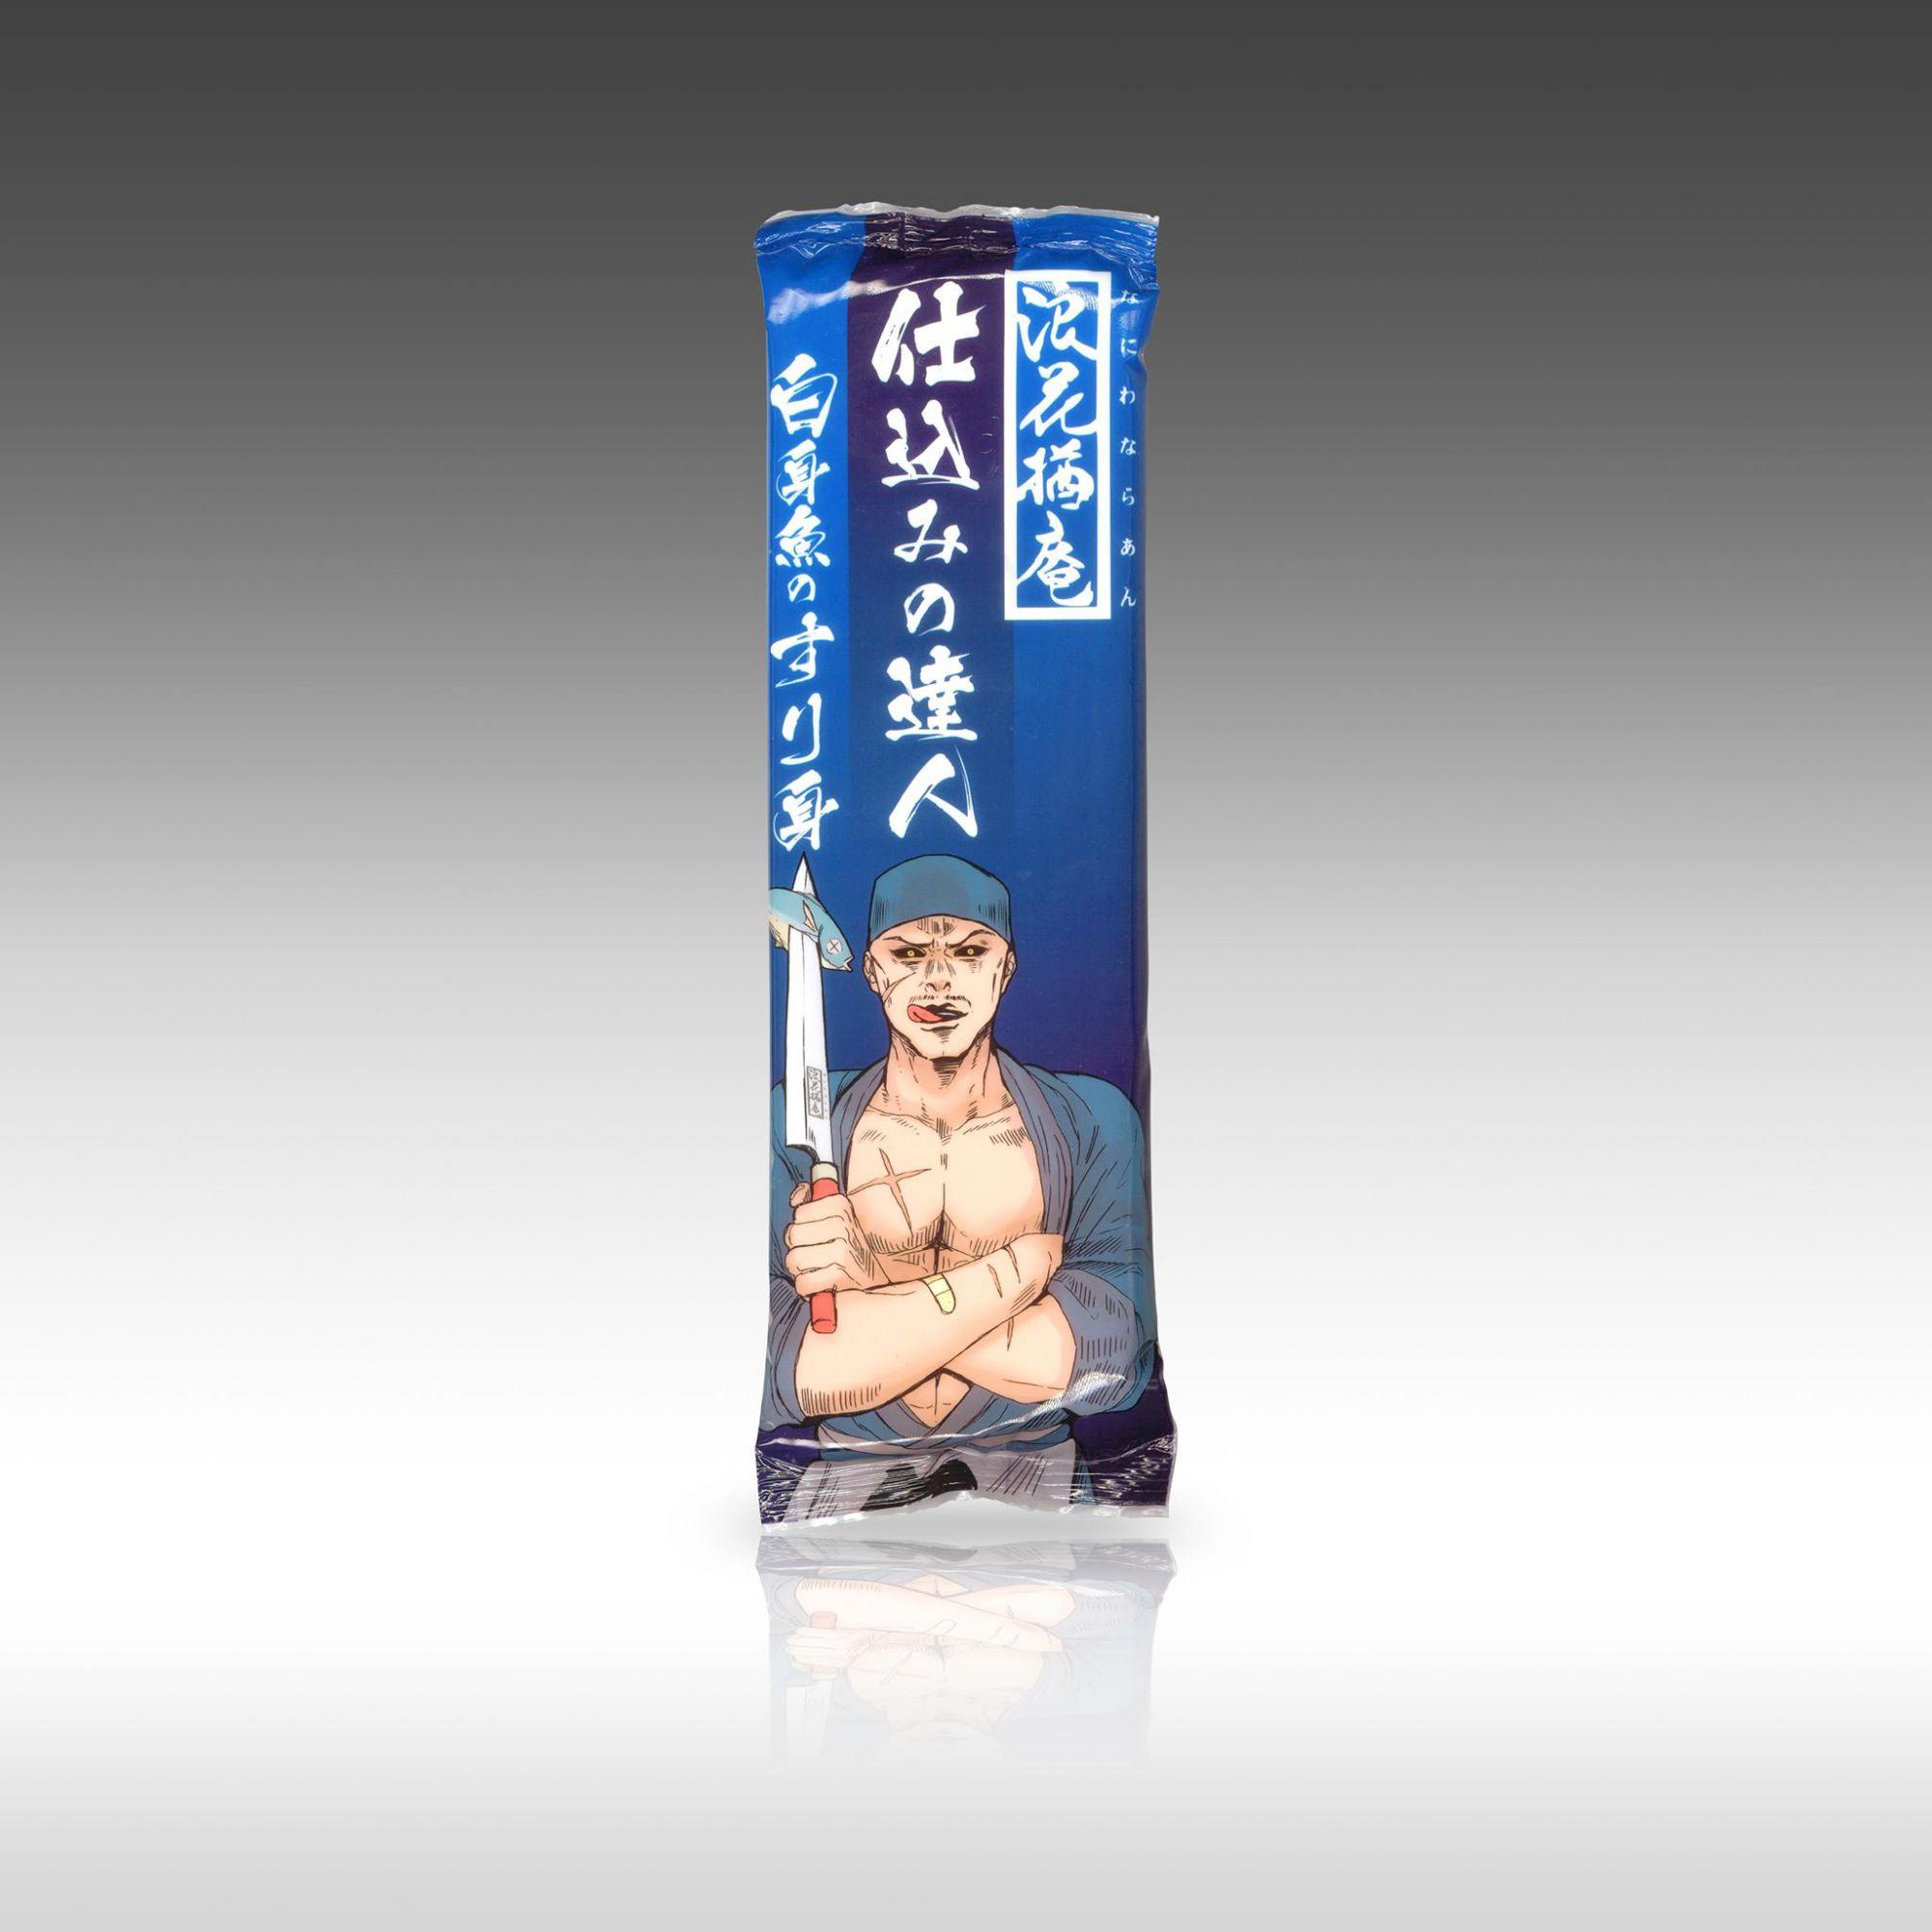 【飲食店のオーナー救出大作戦】~大市珍味「仕込みの達人」シリーズ発売開始~